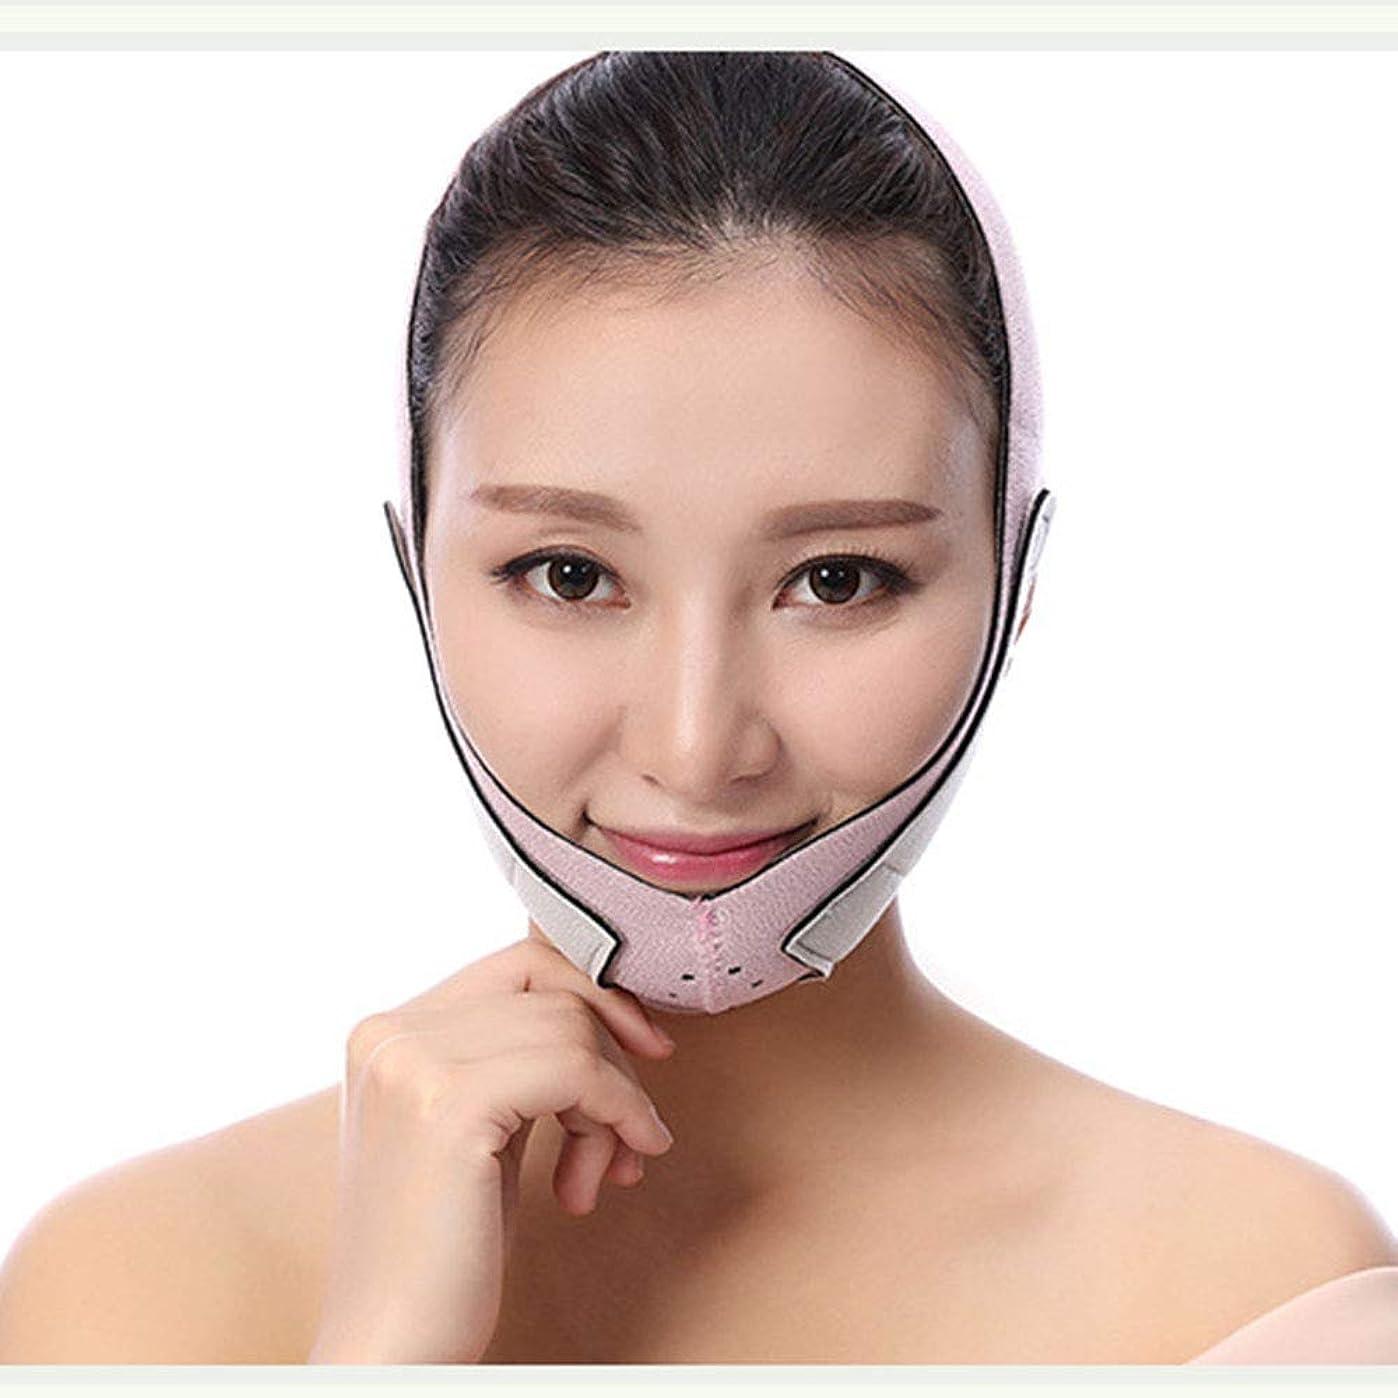 冷蔵するペフスリラーユニセックス薄型フェイス包帯、美容リフト引き締めサイズVフェイスダブルあご睡眠マスク(ピンク)